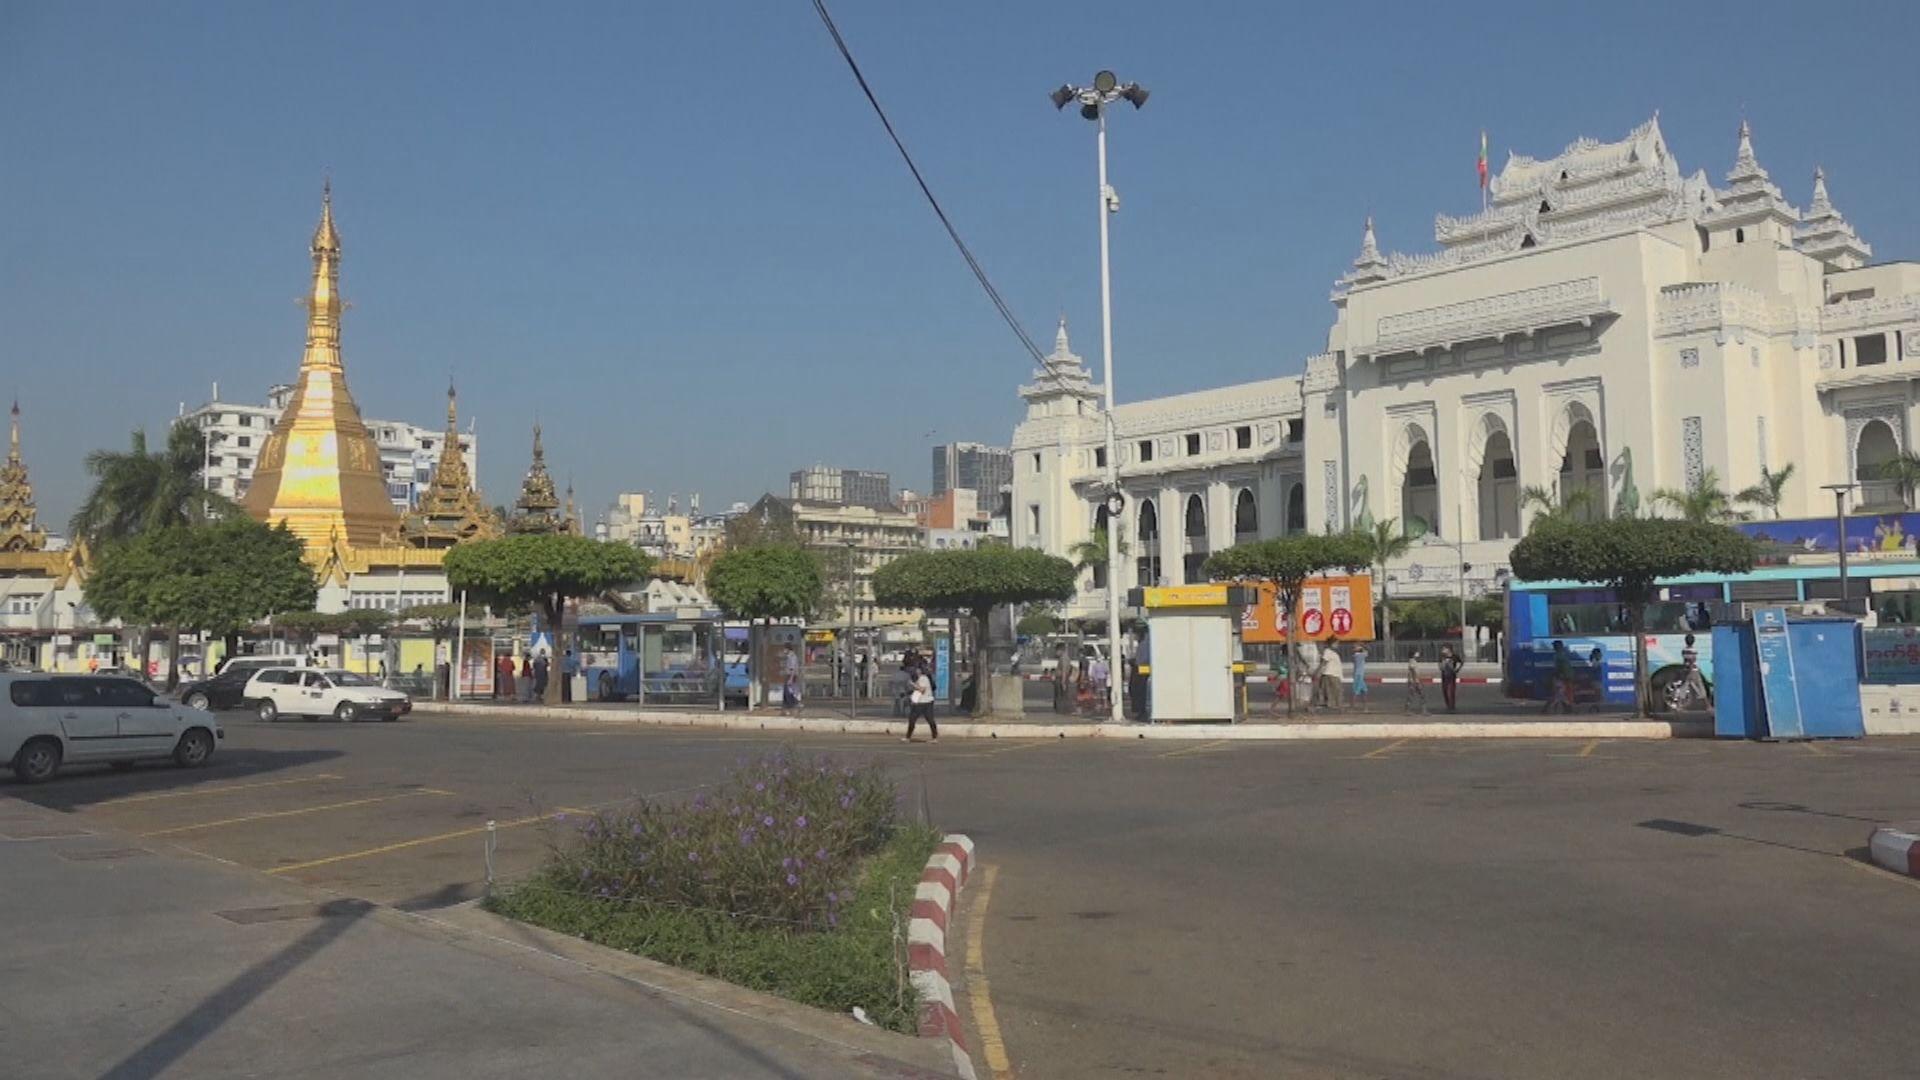 據報四百國會議員被軟禁首都政府建築物